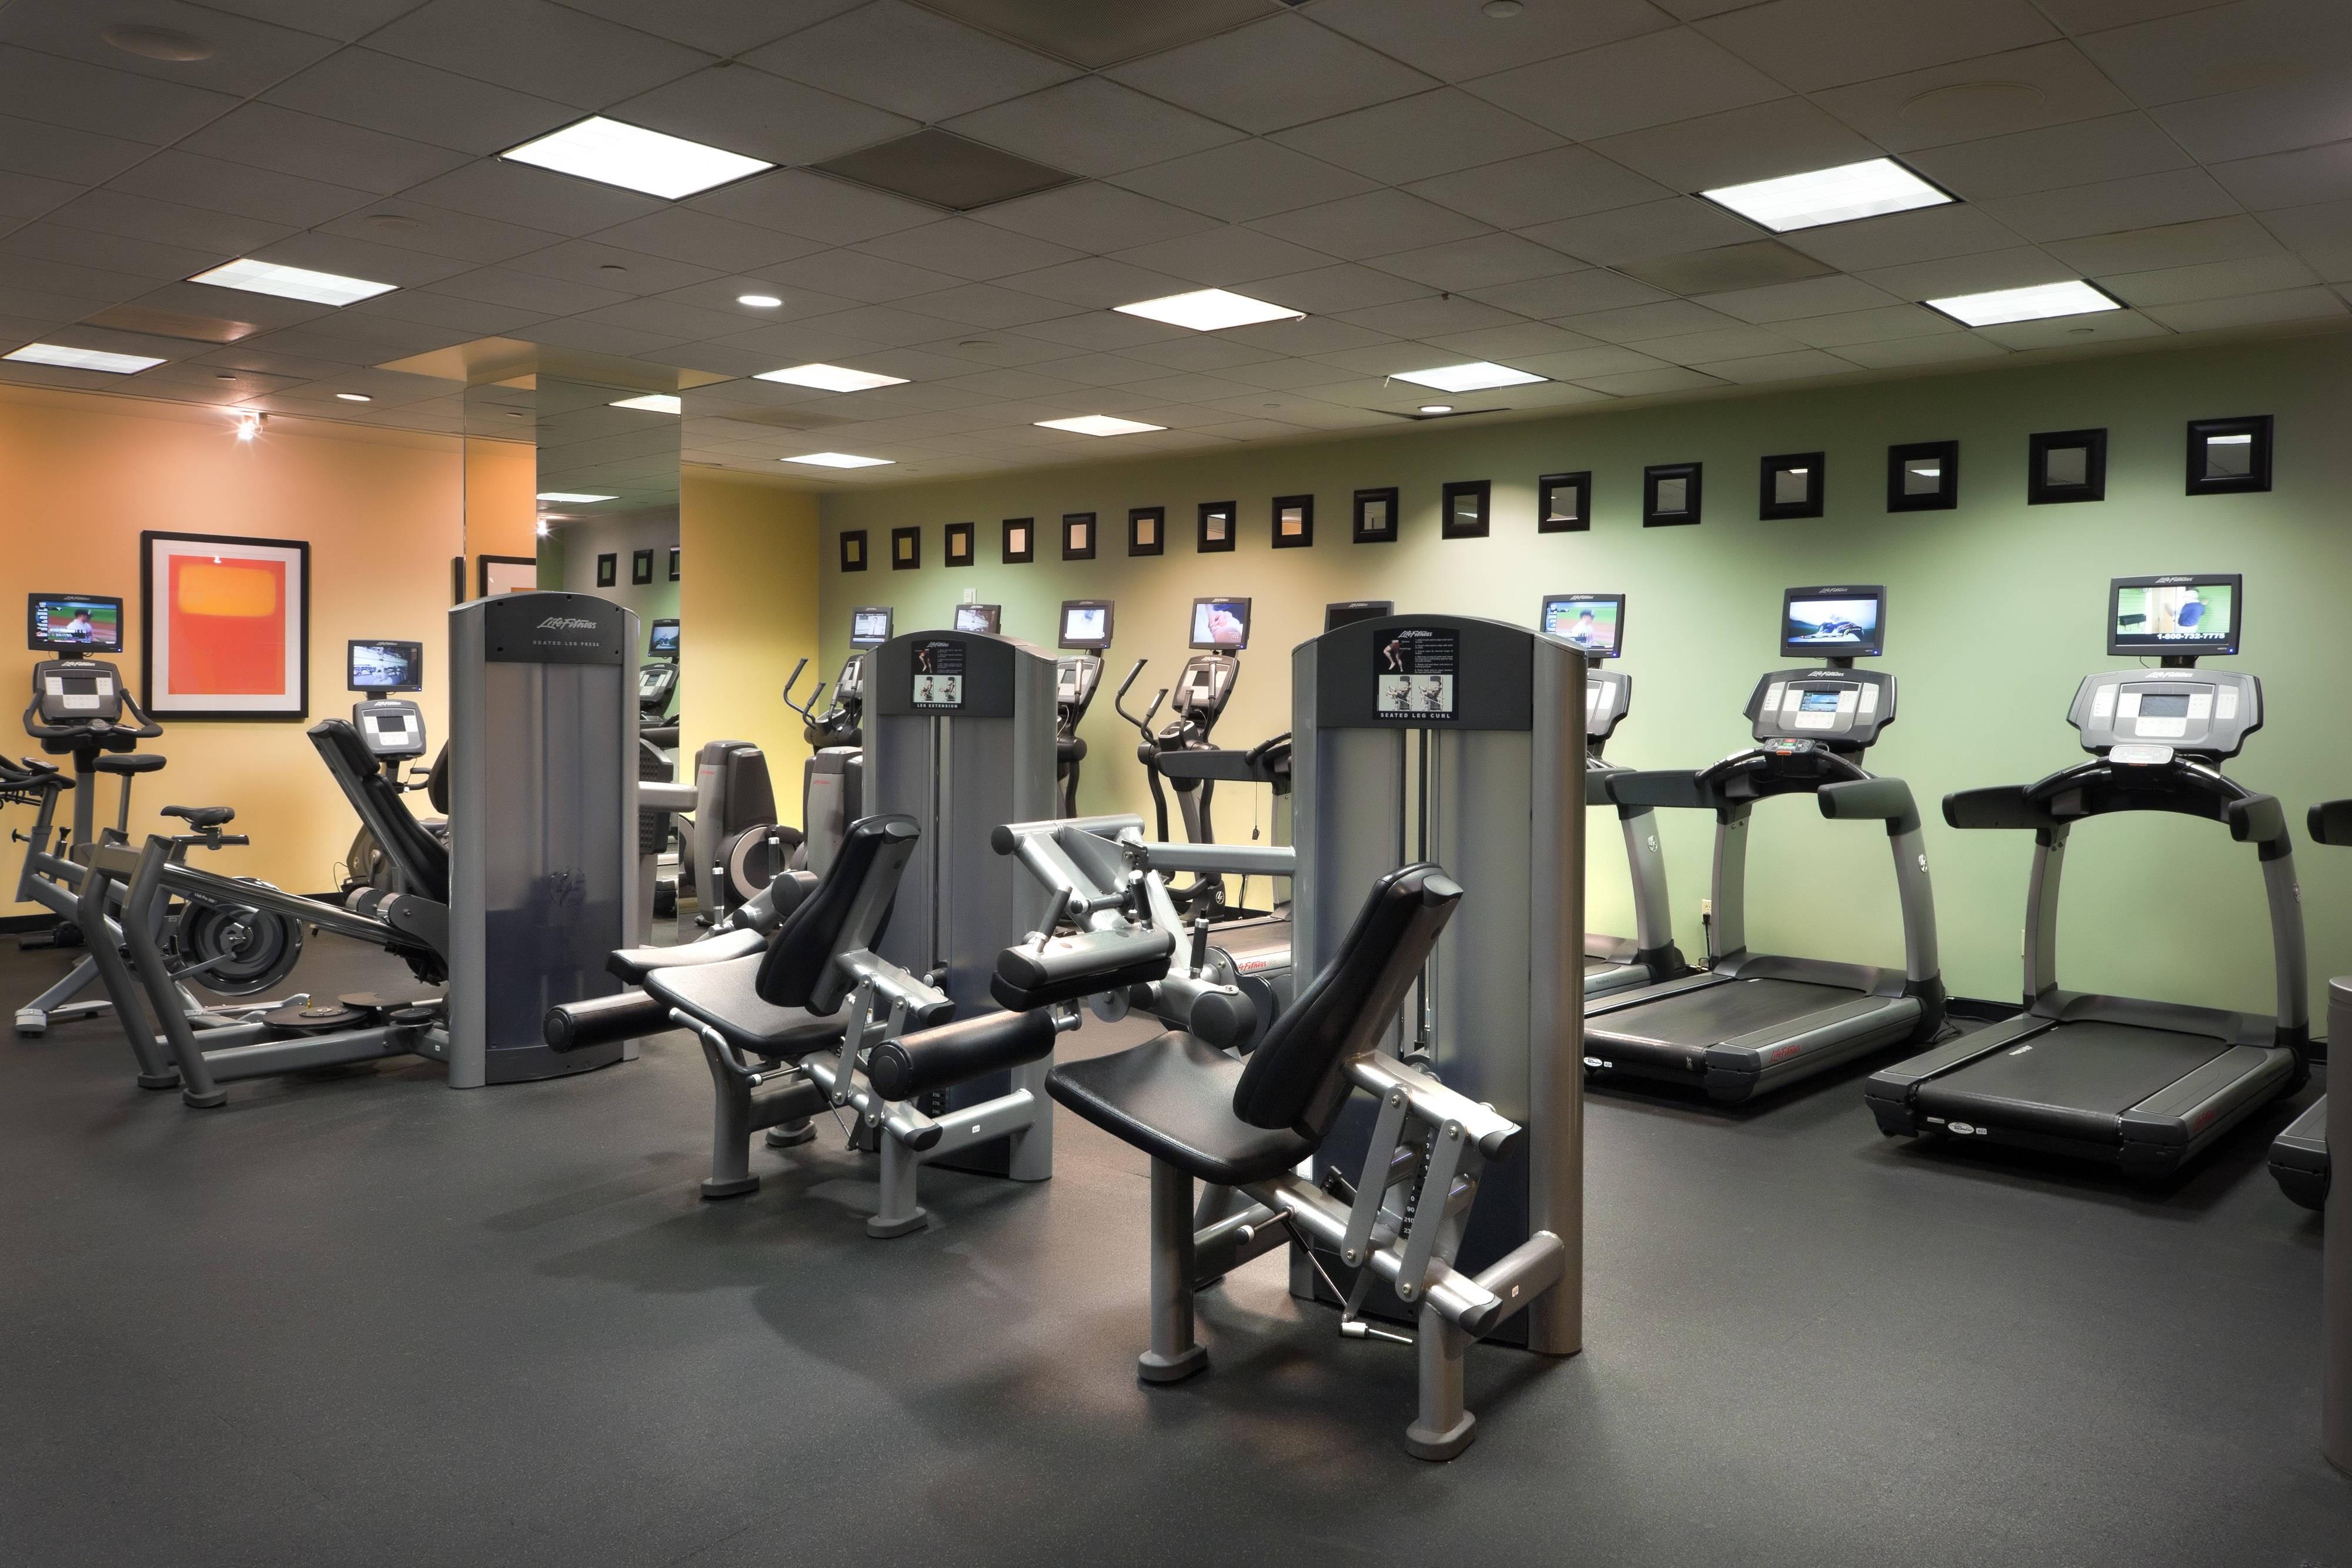 Marina del Rey Marriott Fitness Center